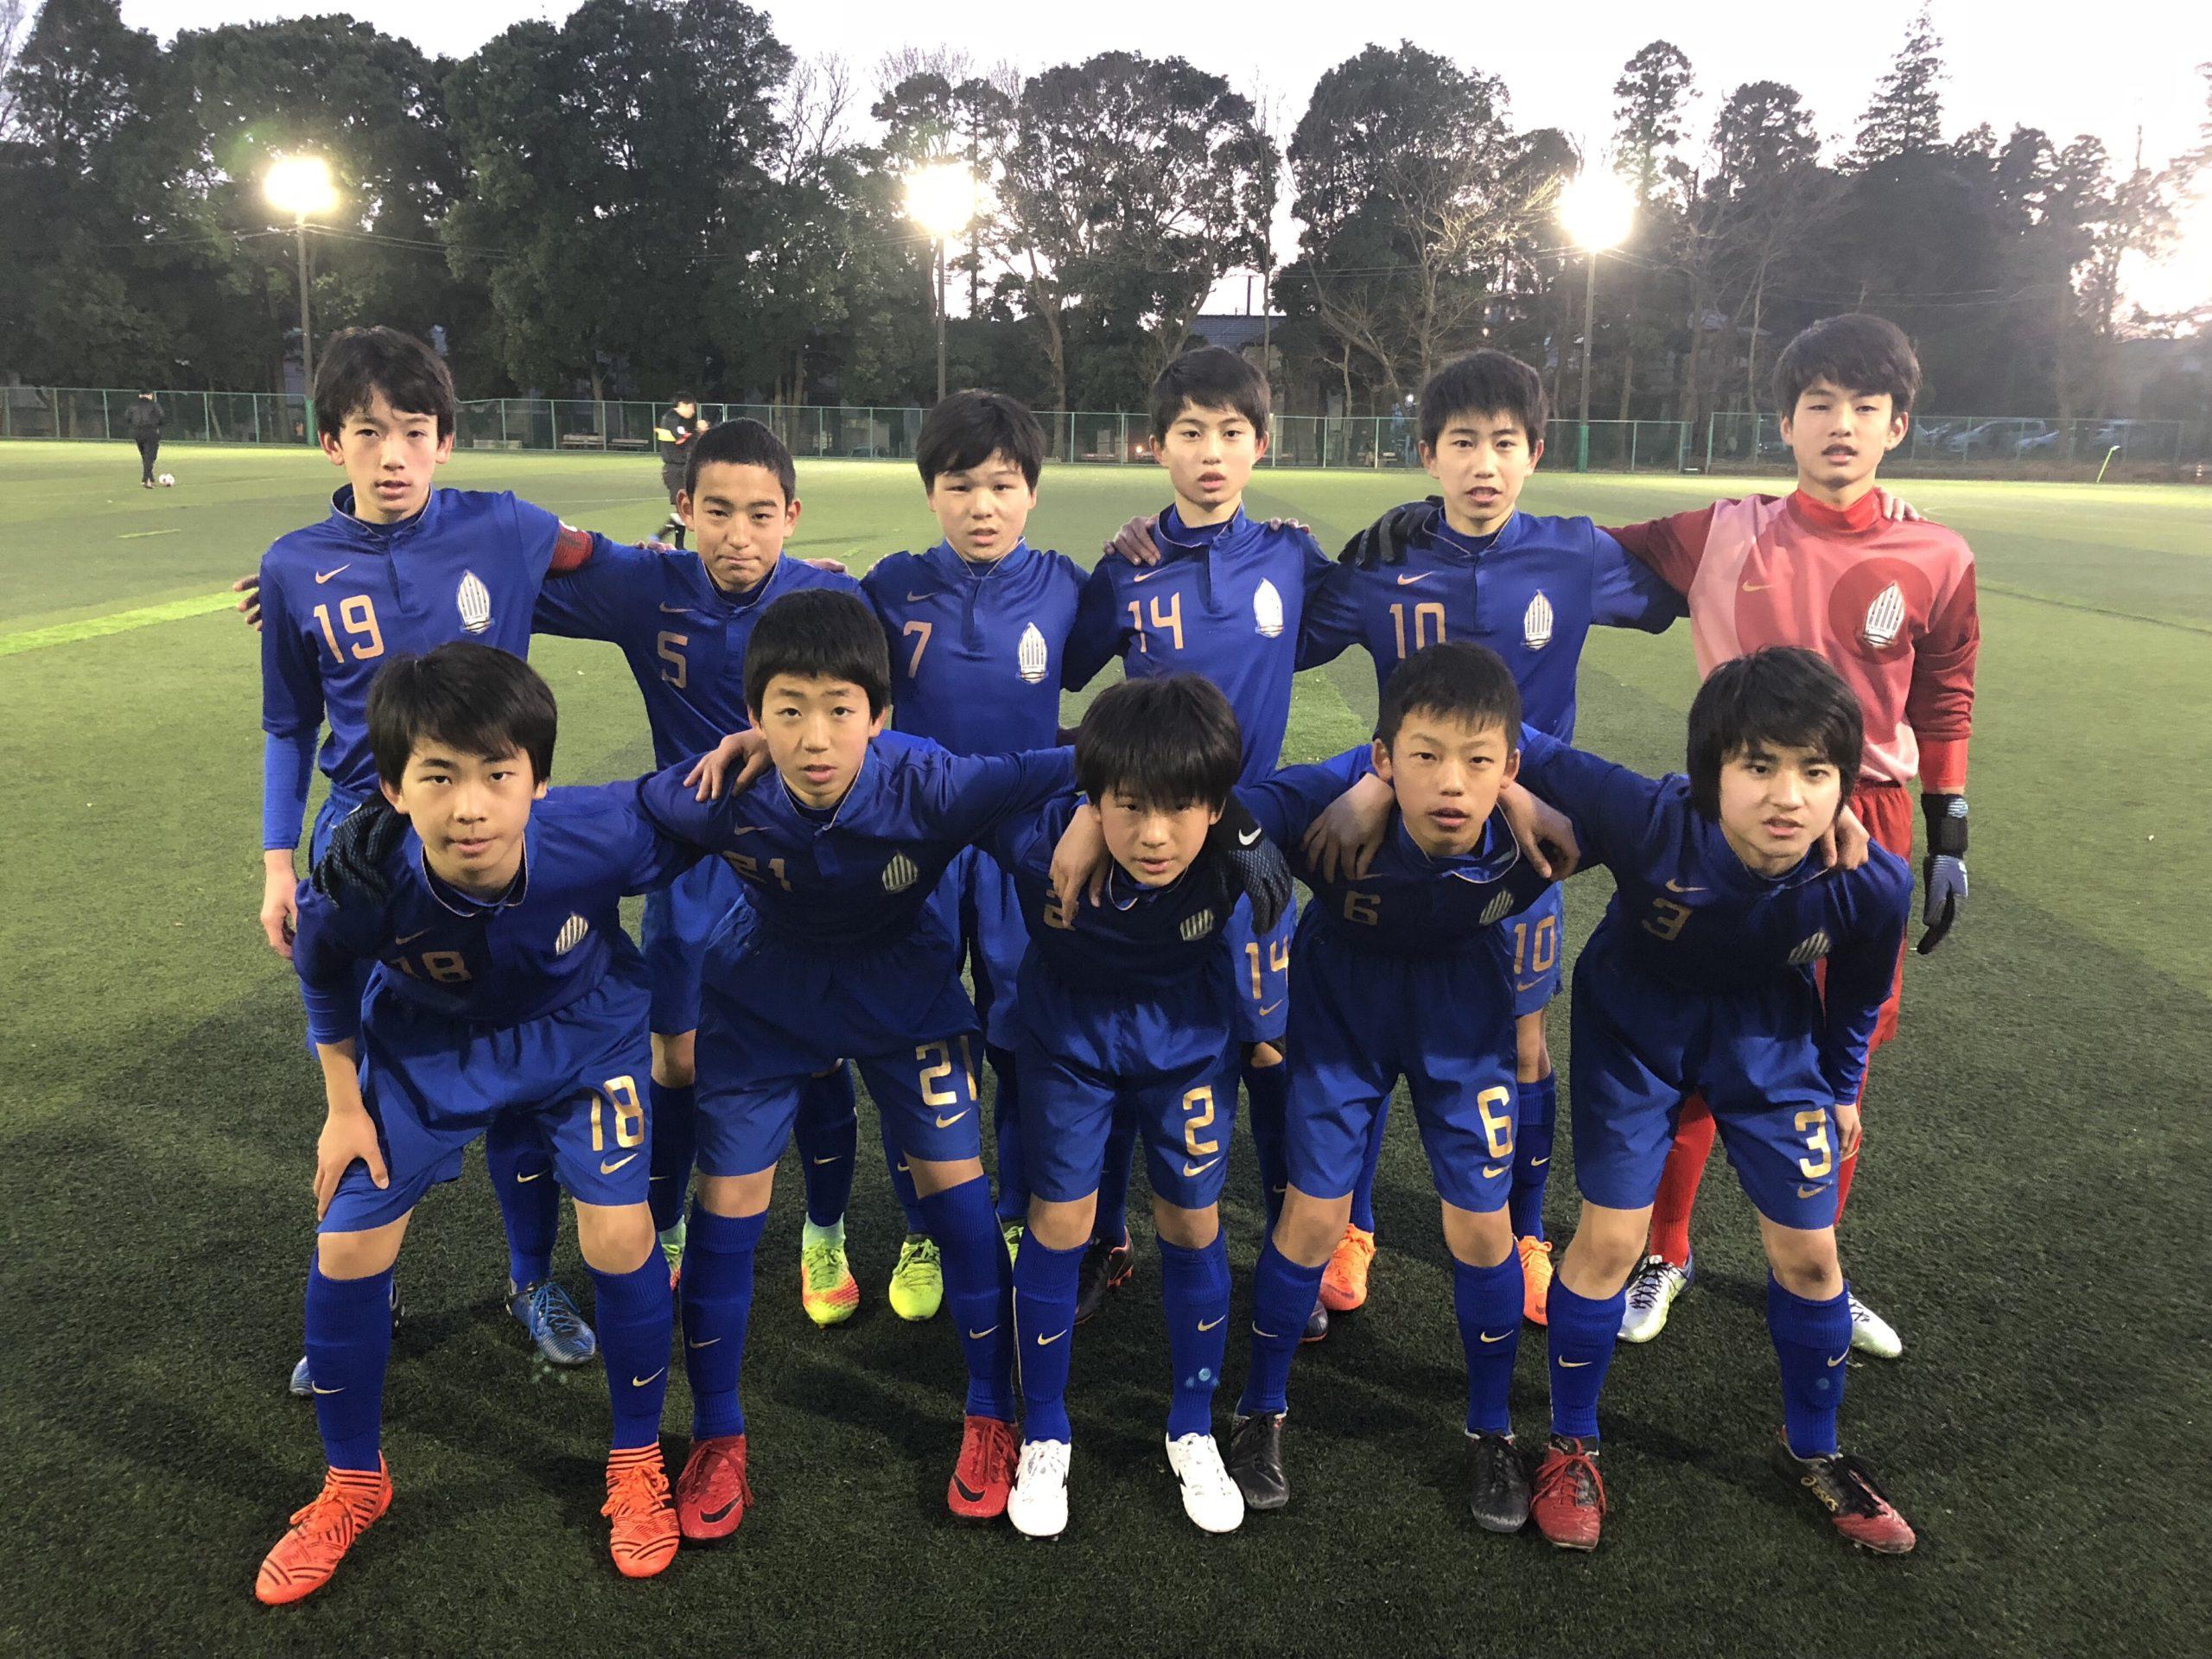 【U13】1部リーグ残留決定 第8回 千葉県ユース(U-13)最終結果